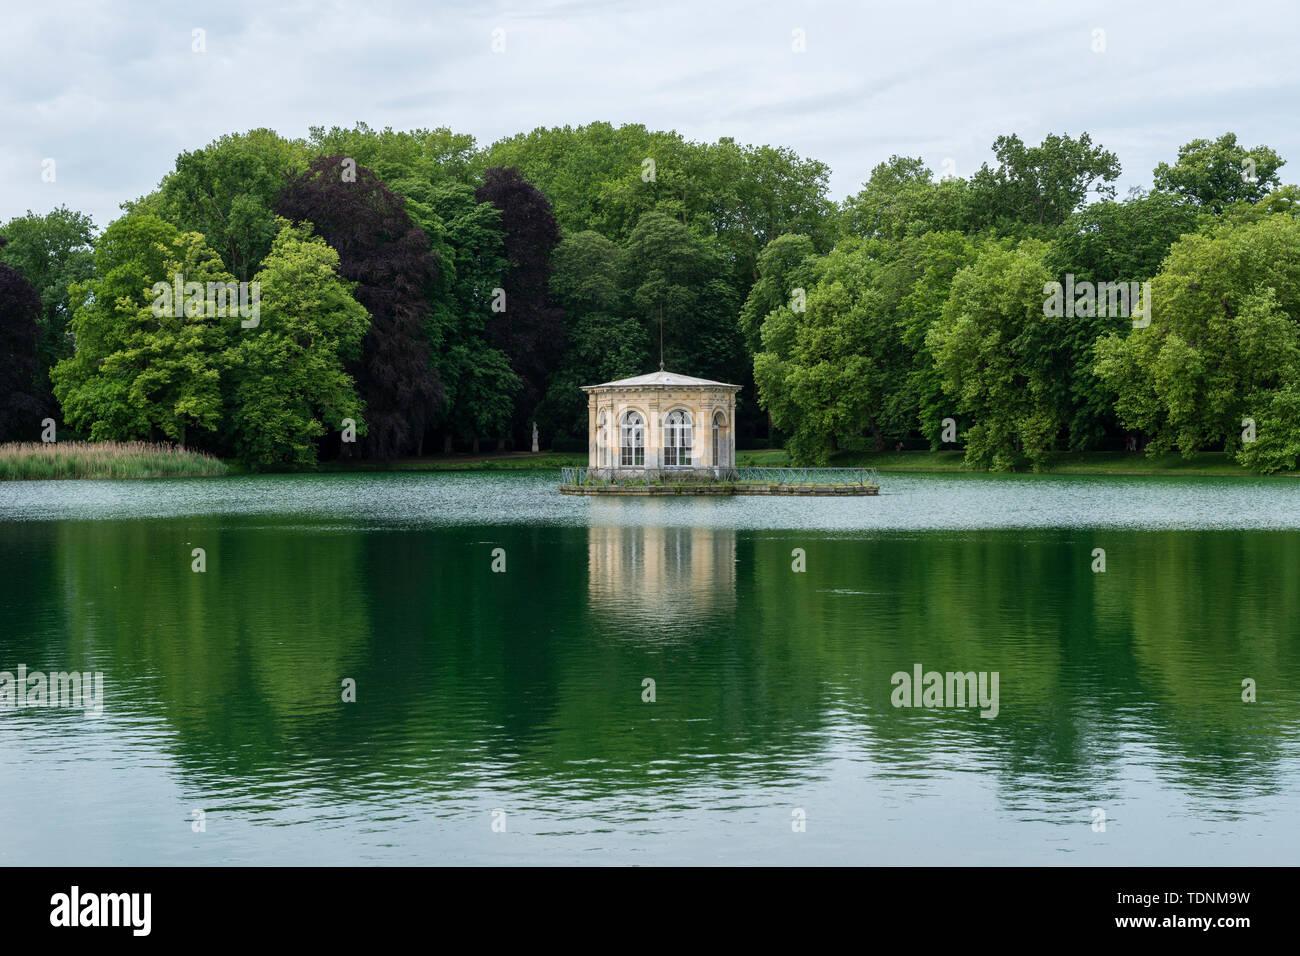 Carp pond at Château de Fontainebleau, Seine-et-Marne, Île-de-France region of France - Stock Image